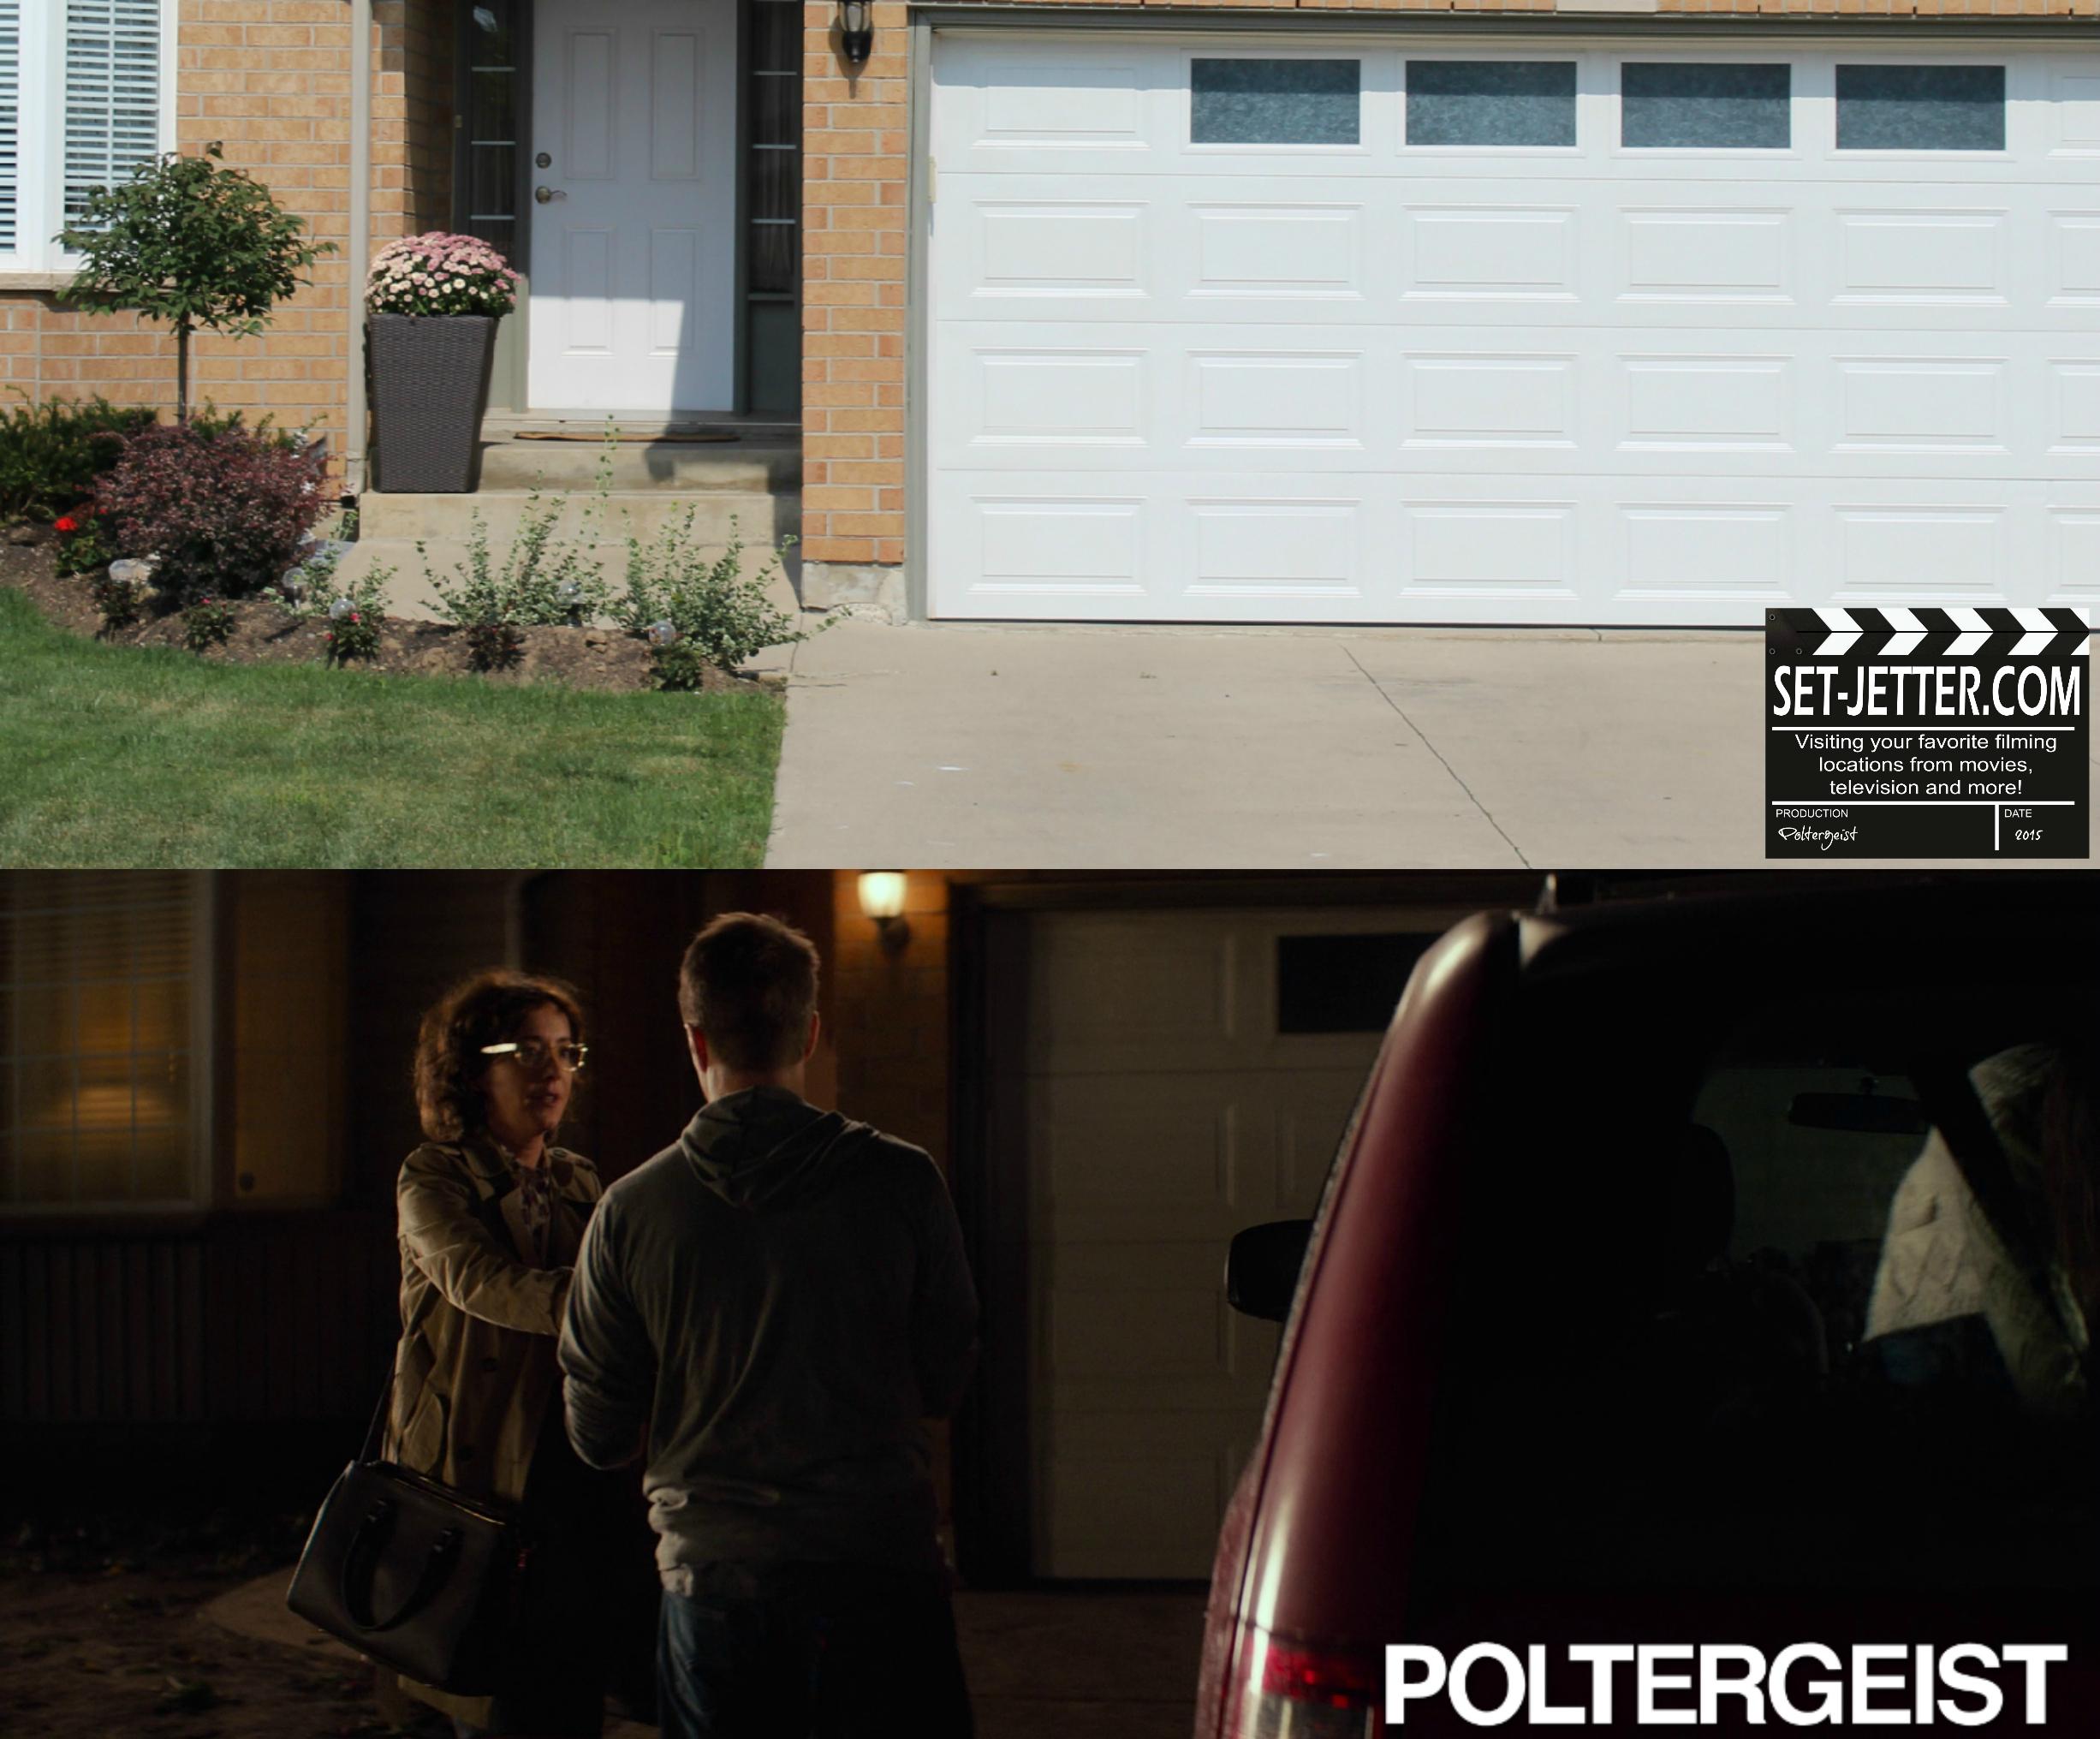 Poltergeist comparison 107.jpg